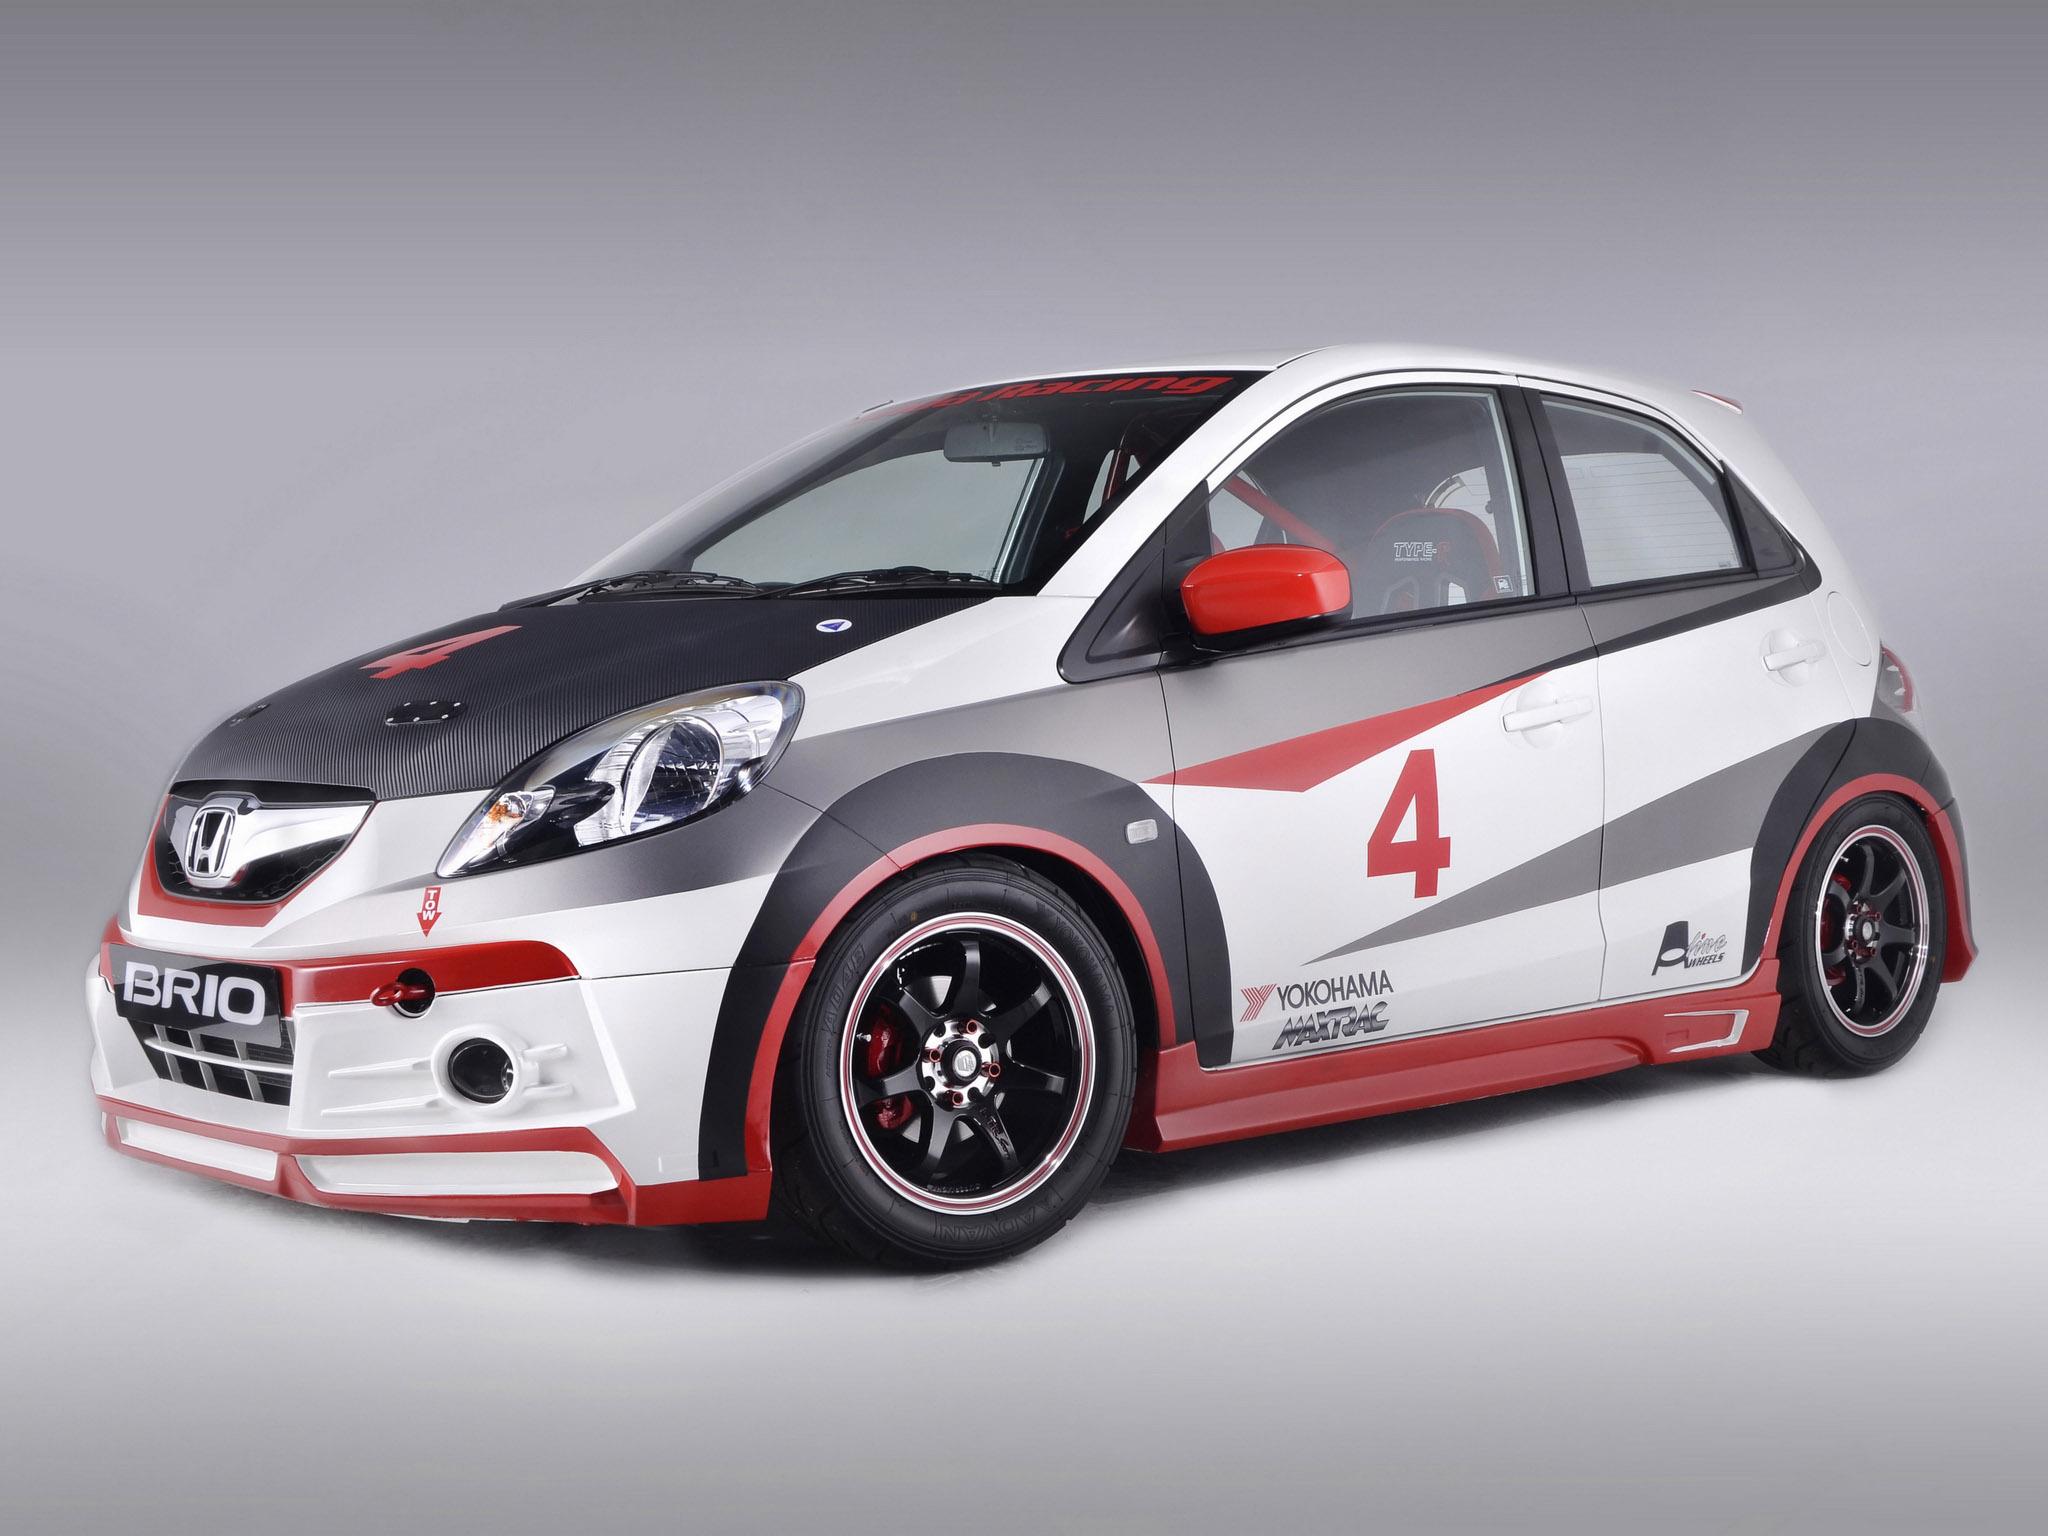 Honda Rally Car